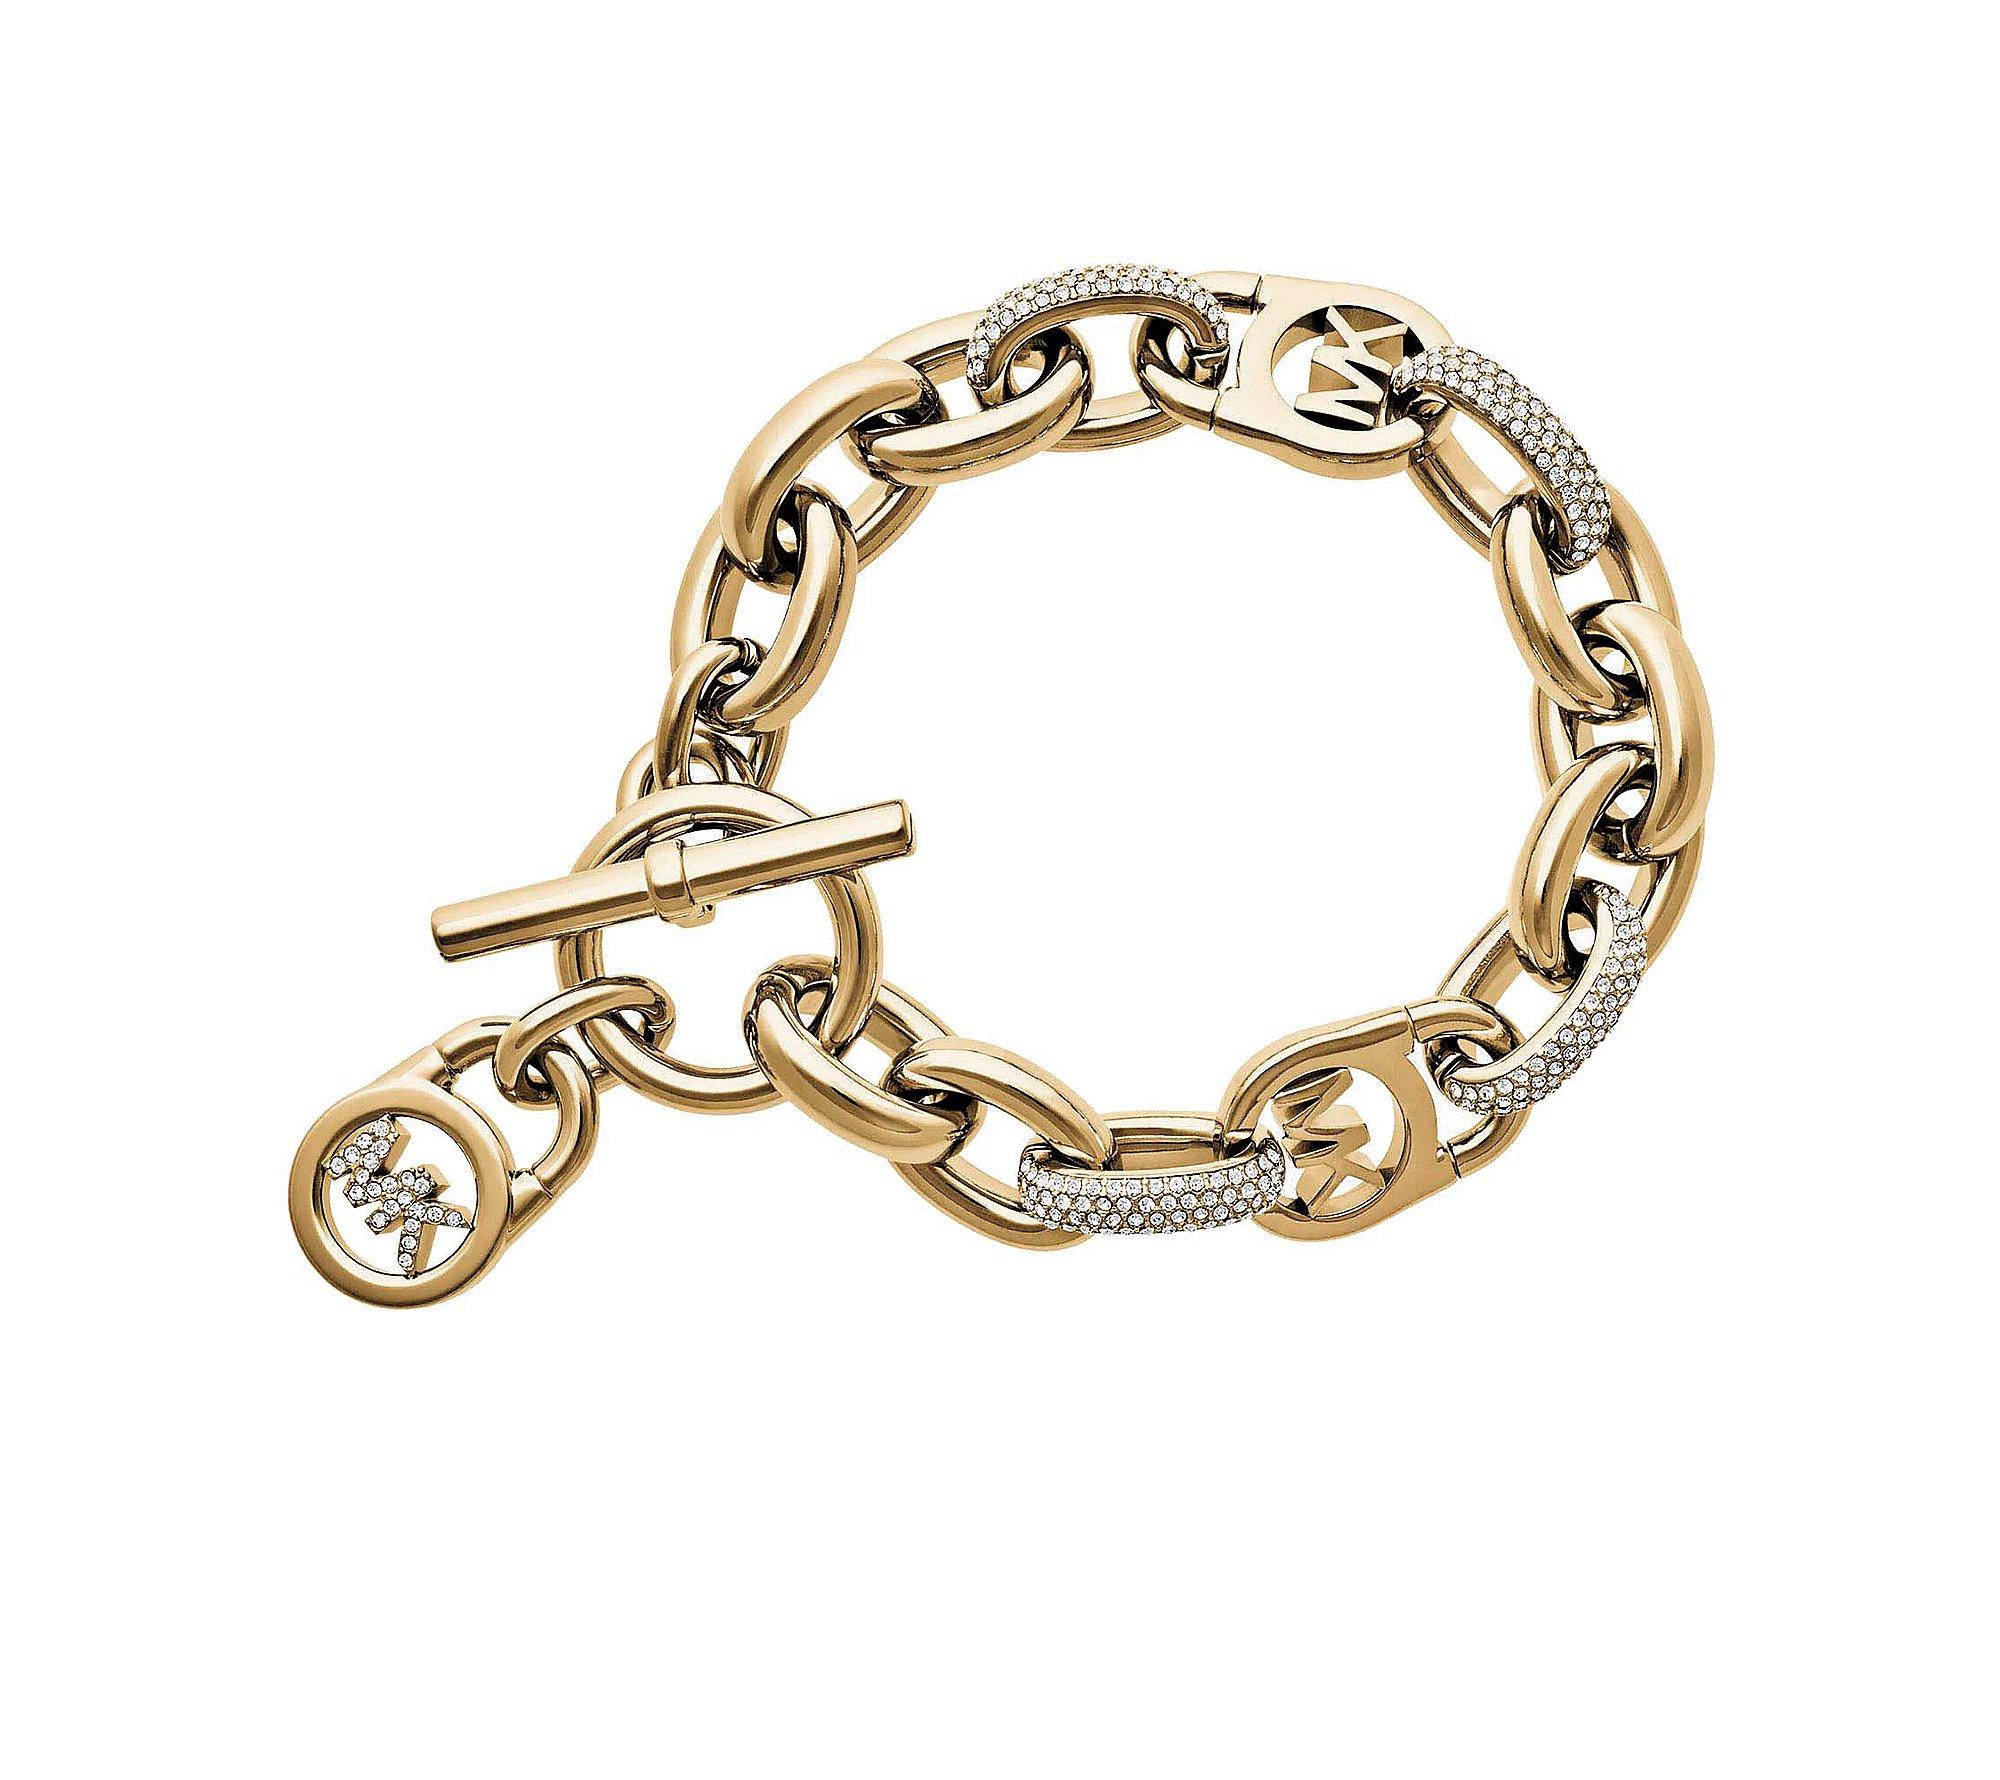 Michael Kors Pav= Link Bracelet